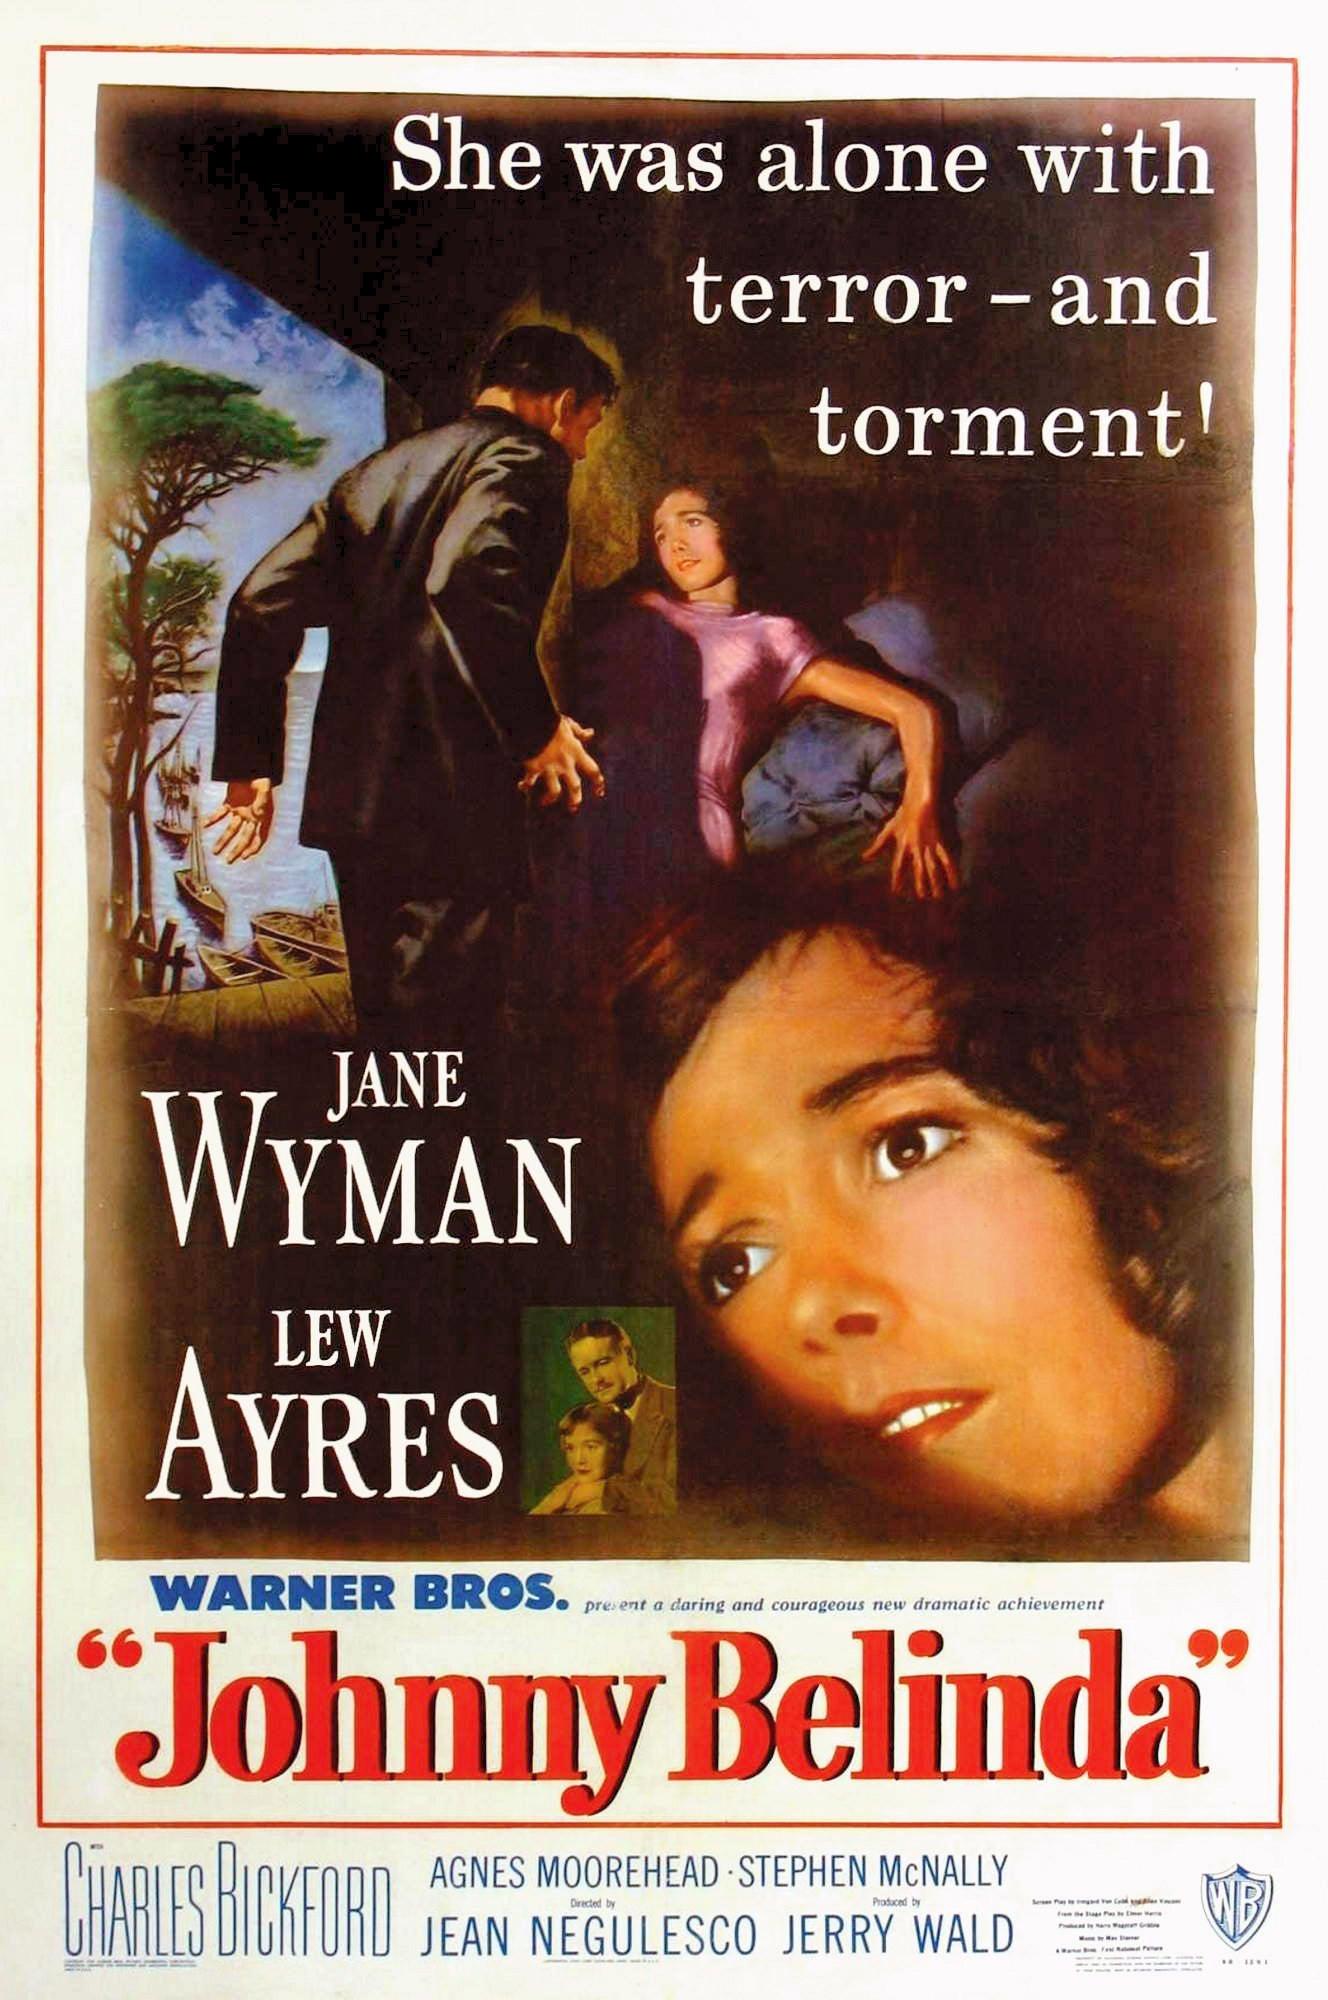 Poster from the Golden Globe winning film Johnny Belinda